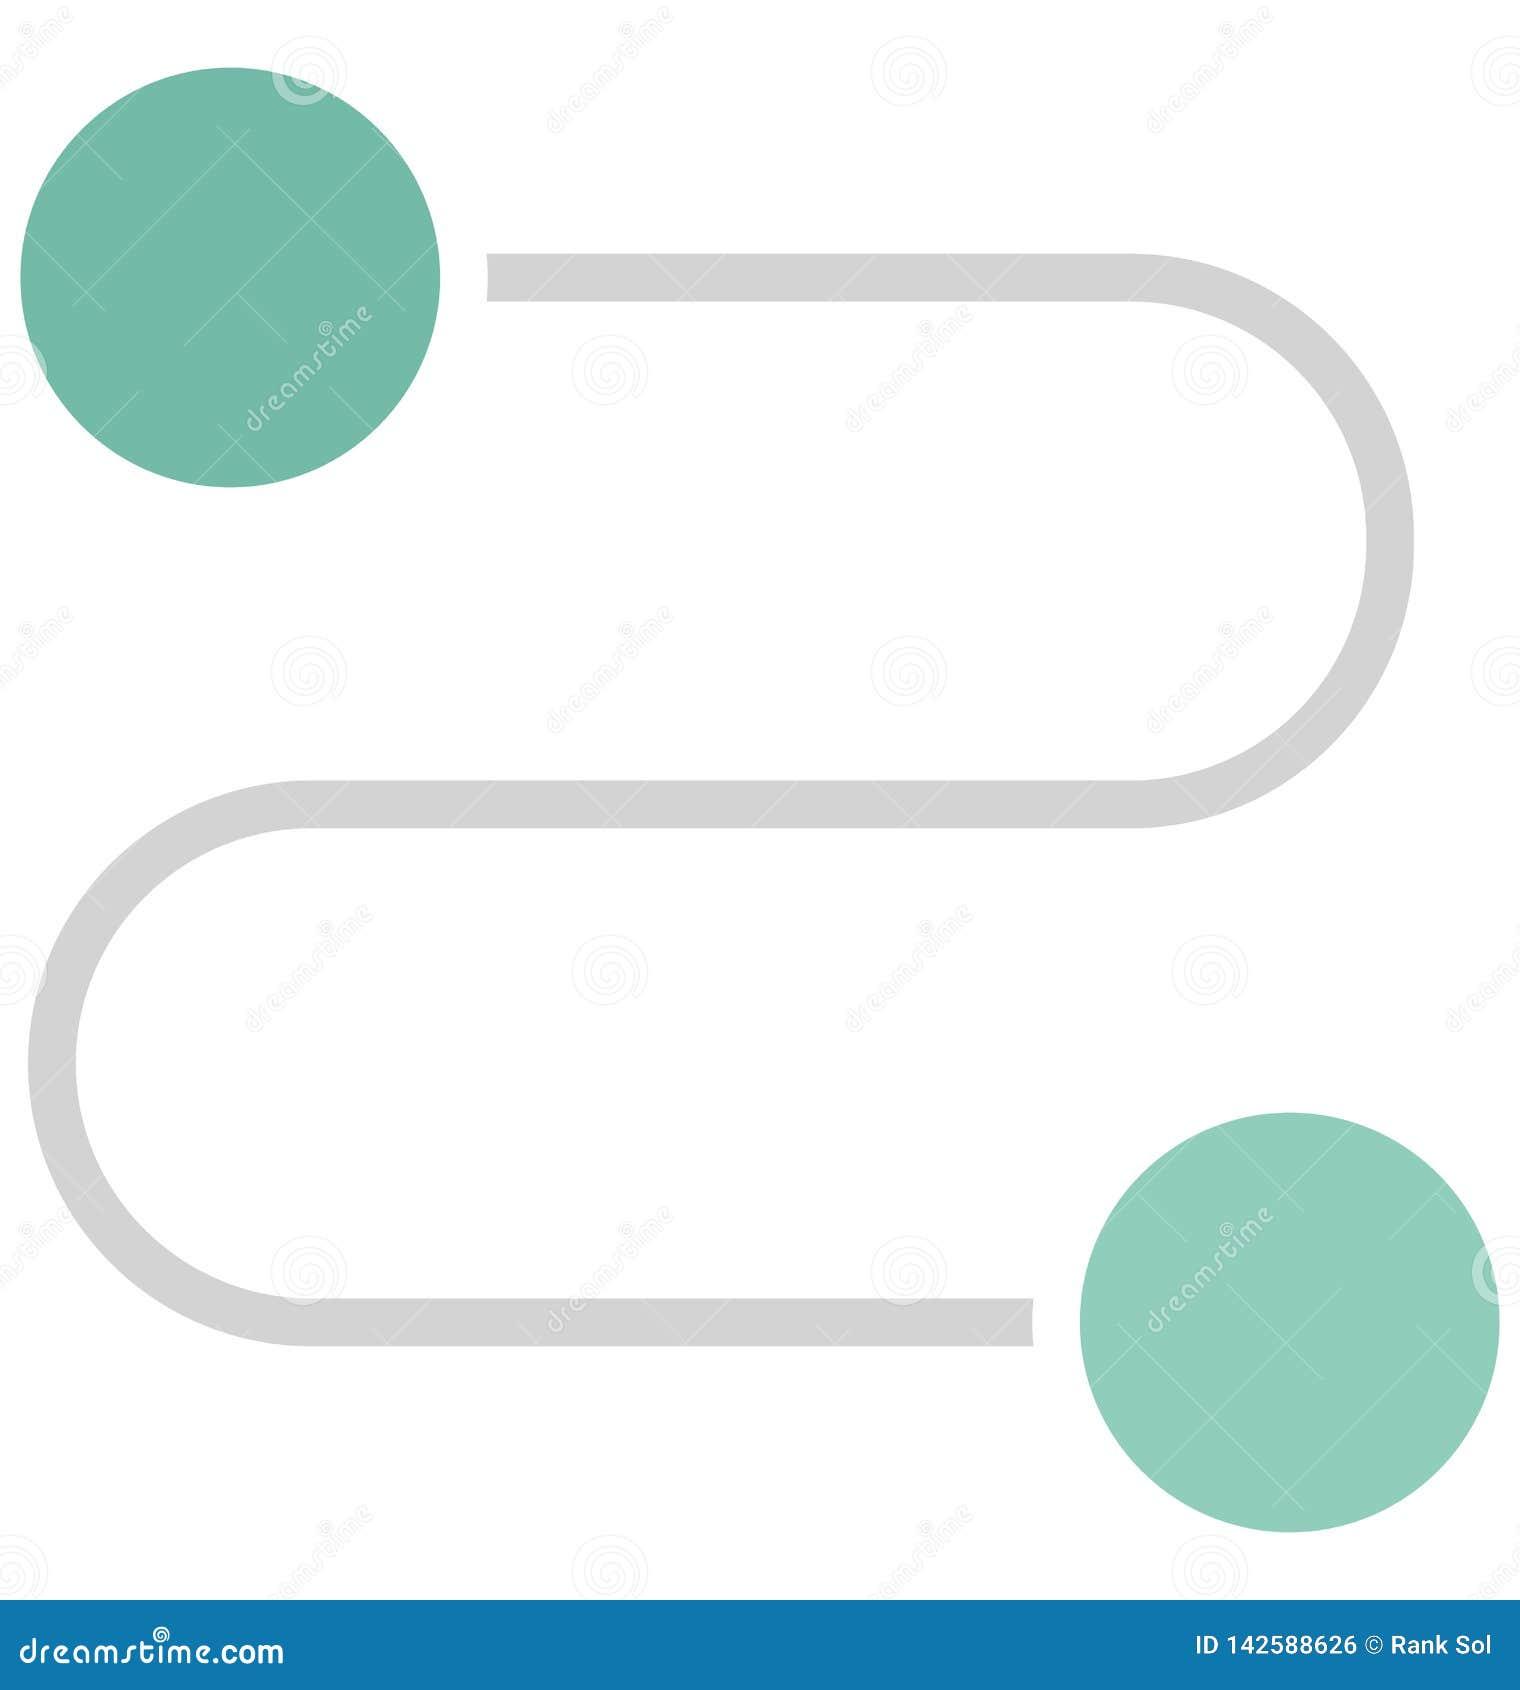 应用程序隔绝了可能容易地修改或编辑的传染媒介象